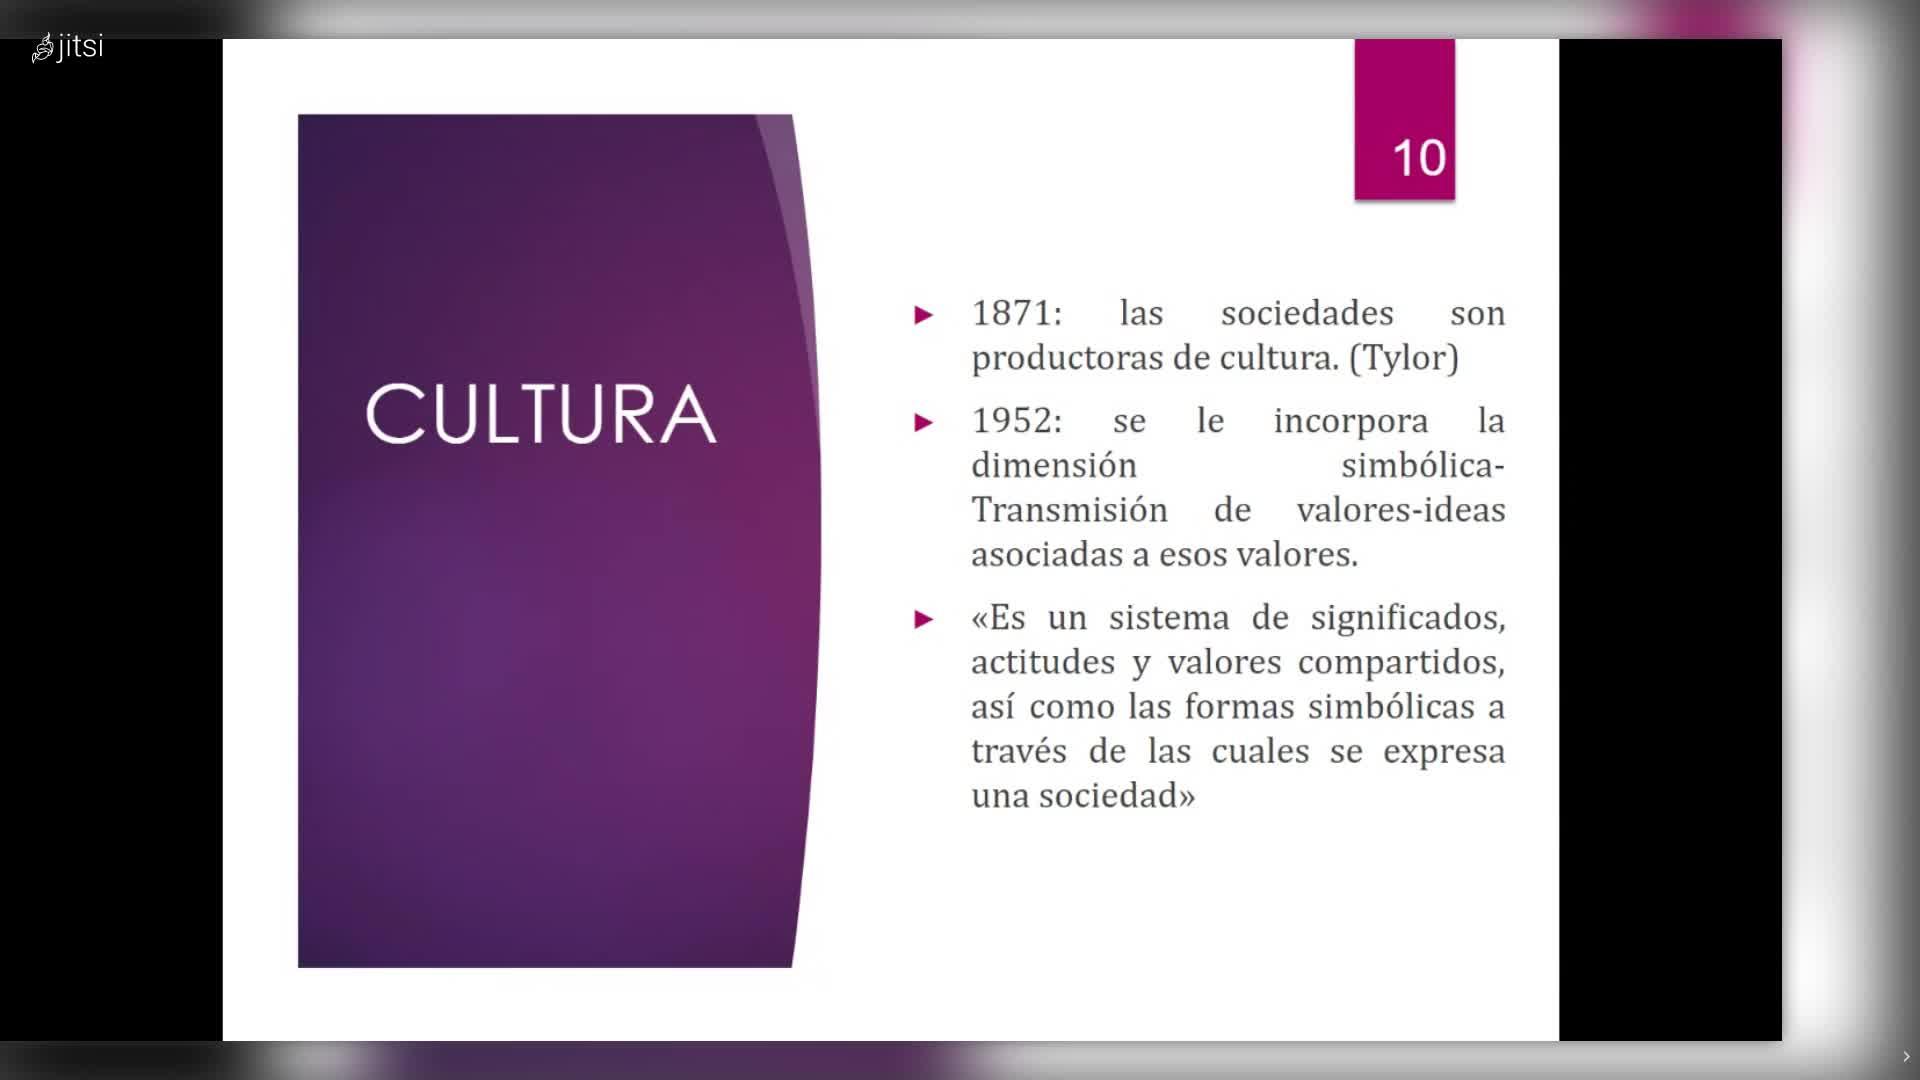 clase1 Historia de la Cultura 25/04/21